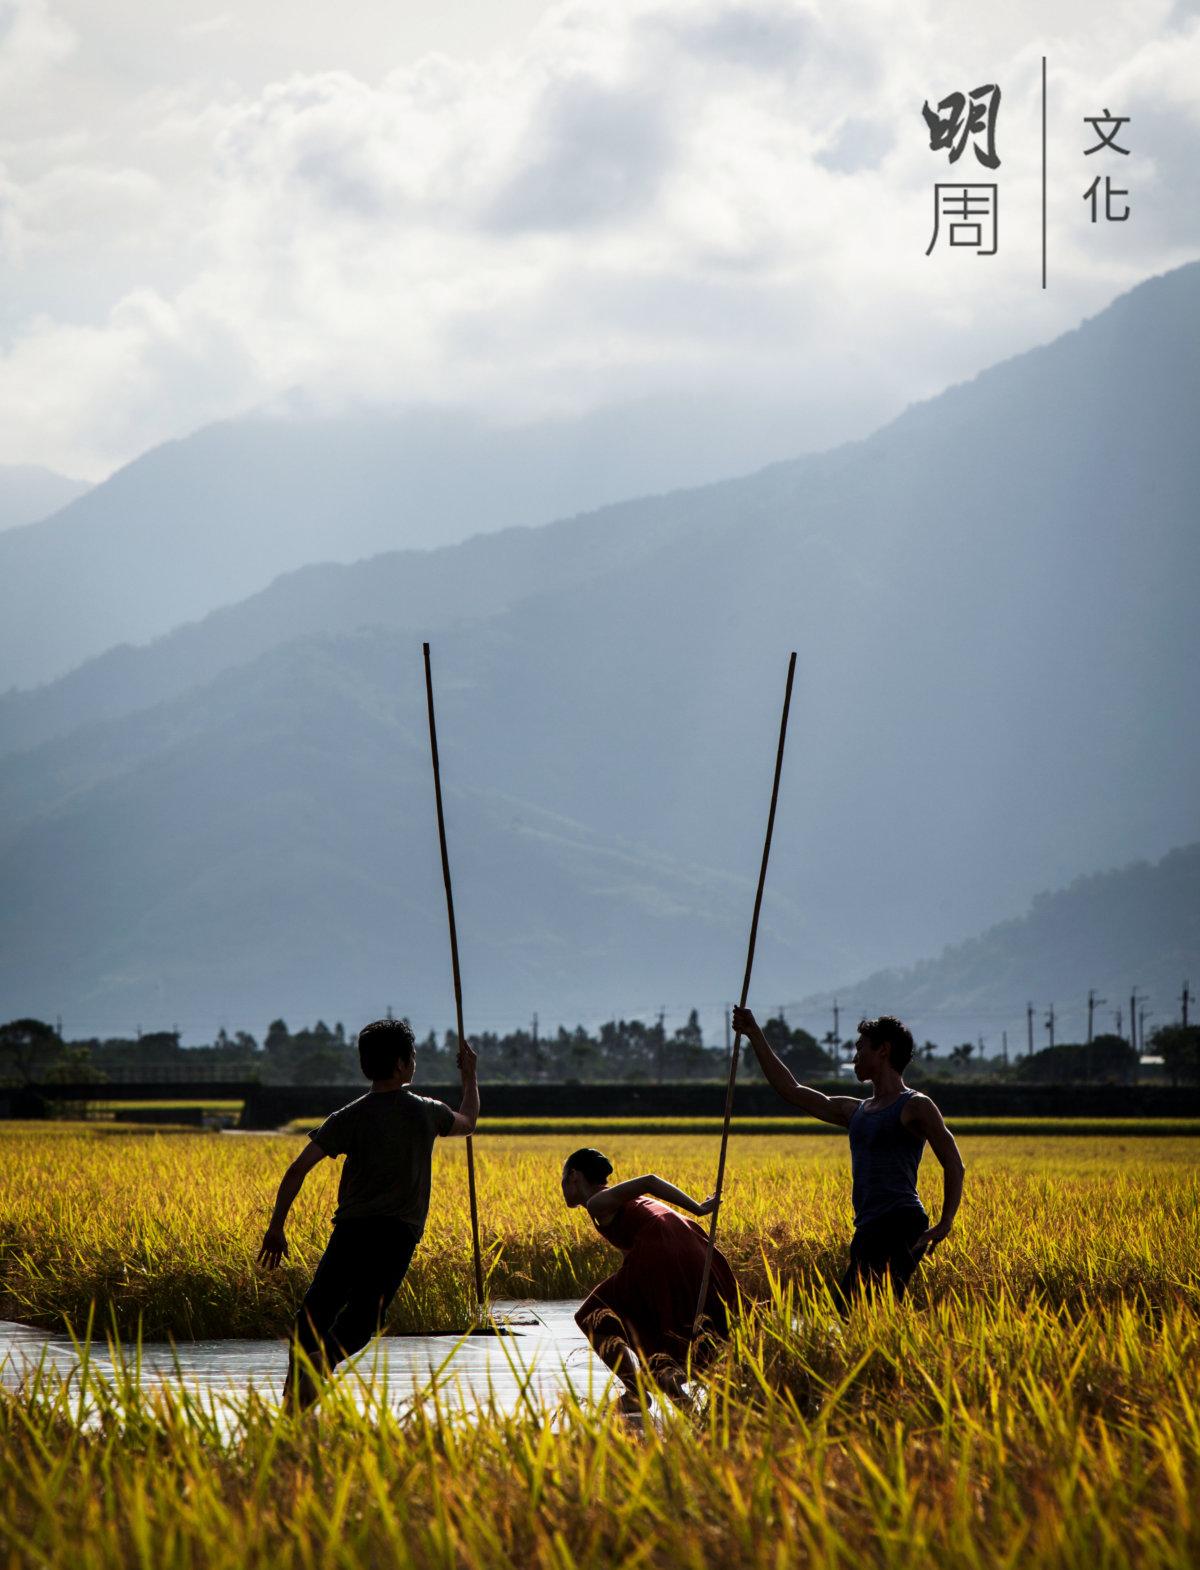 雲門舞集四十周年,創作了一齣名為《稻禾》的現代舞蹈,從池上的泥土、日光、風和水,以及稻米的生命輪迴汲取靈感。遼闊壯麗的稻田山色盡收眼底,雲門還演出了《水月》和《渡海》選粹。